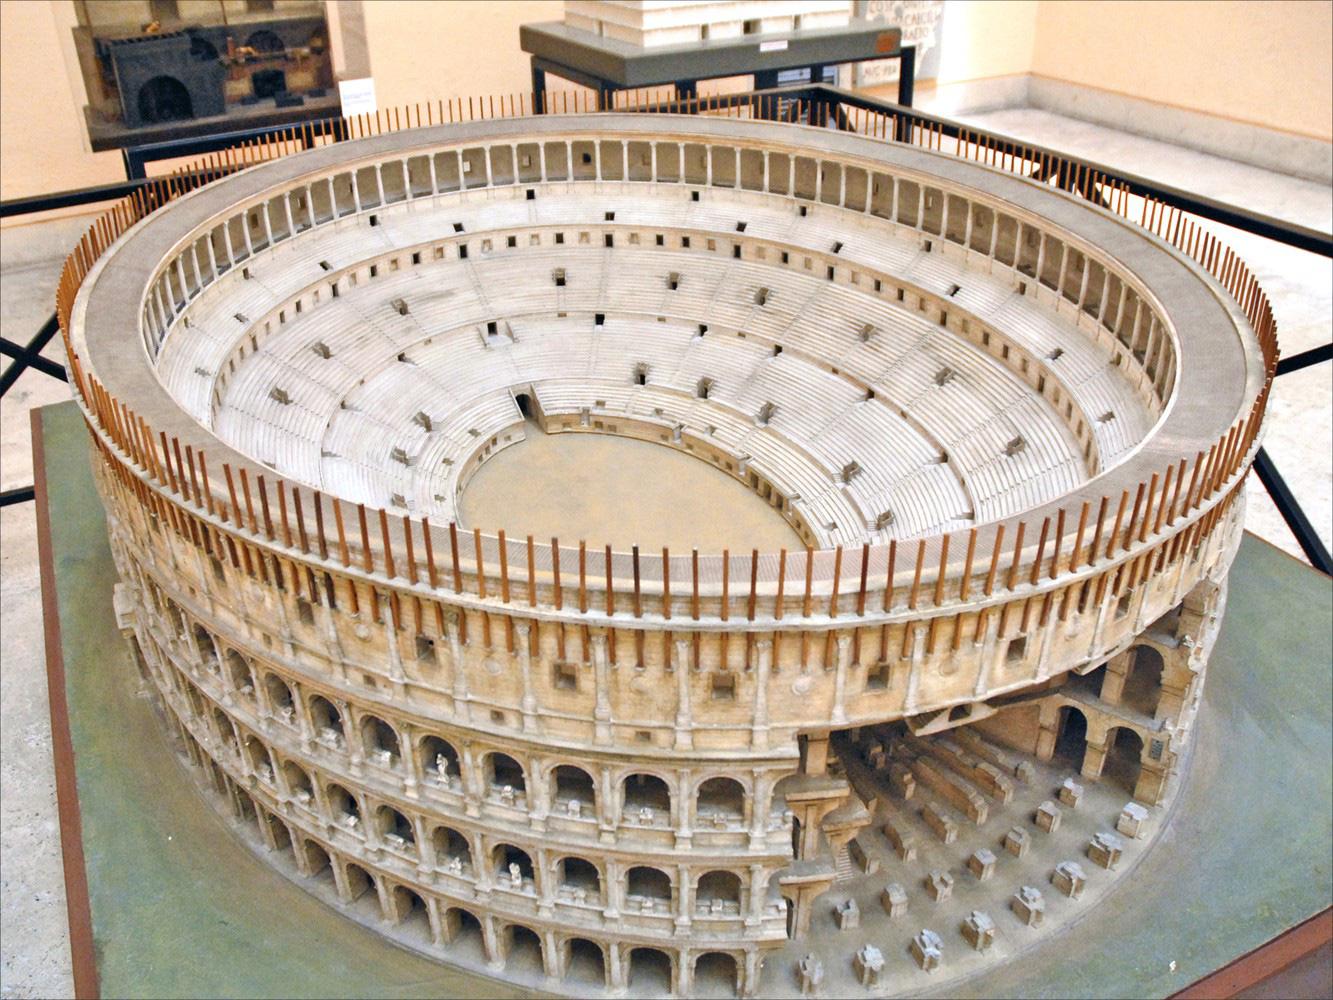 Chiêm ngưỡng mô hình thành Rome cổ đại với tỷ lệ 1:250, mất tới 38 năm mới hoàn thành - Ảnh 4.